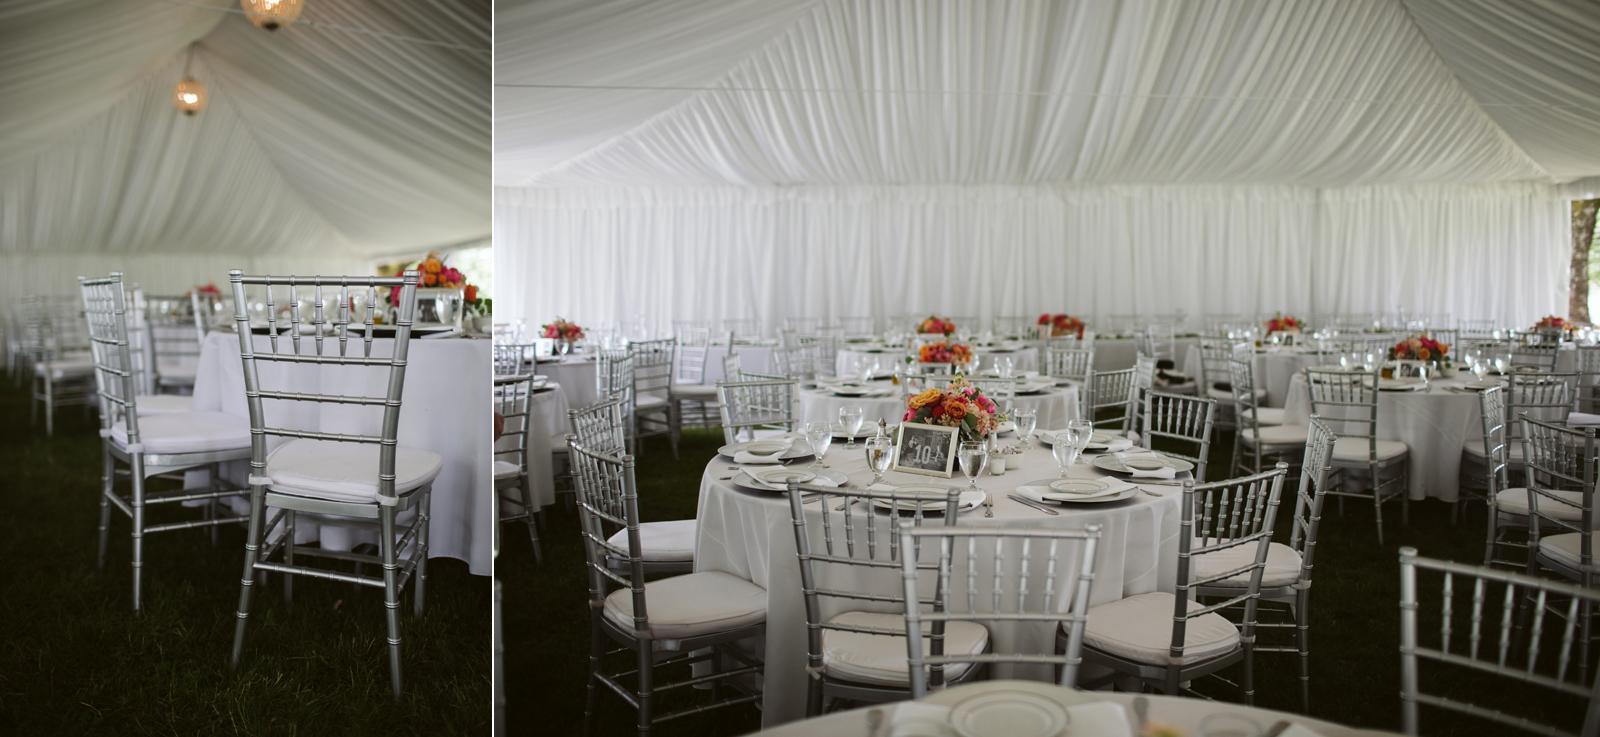 064-daronjackson-gabby-alec-wedding.jpg